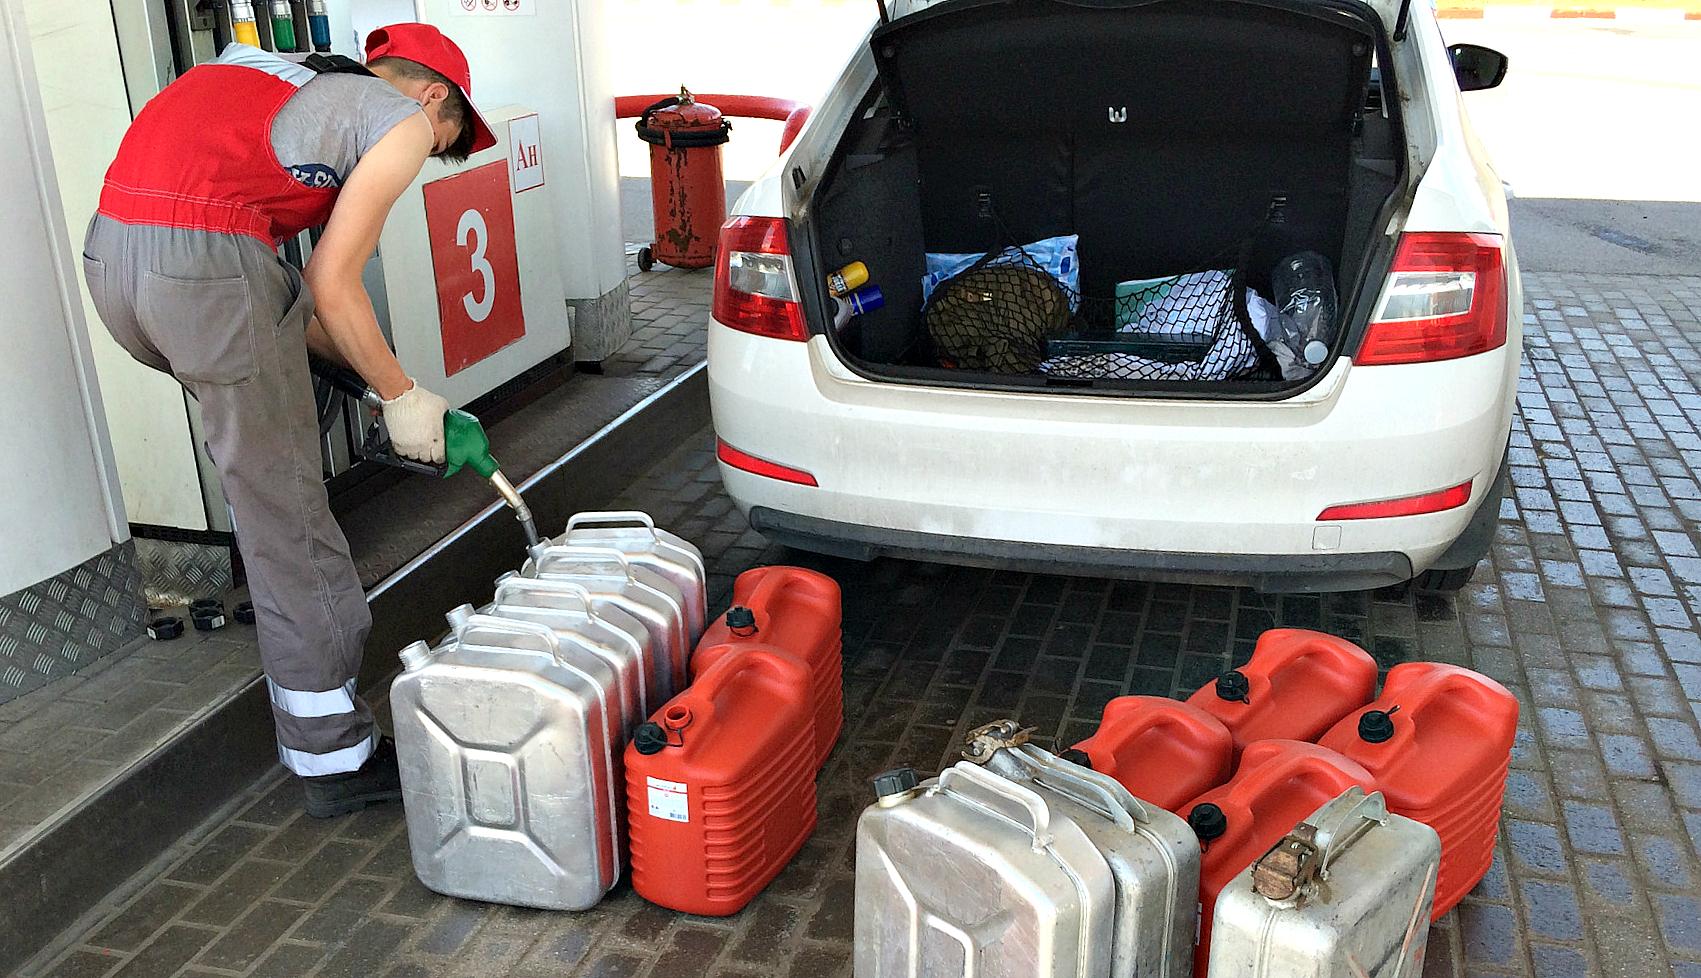 Как перевезти бензин в автомобиле и не лишиться прав?